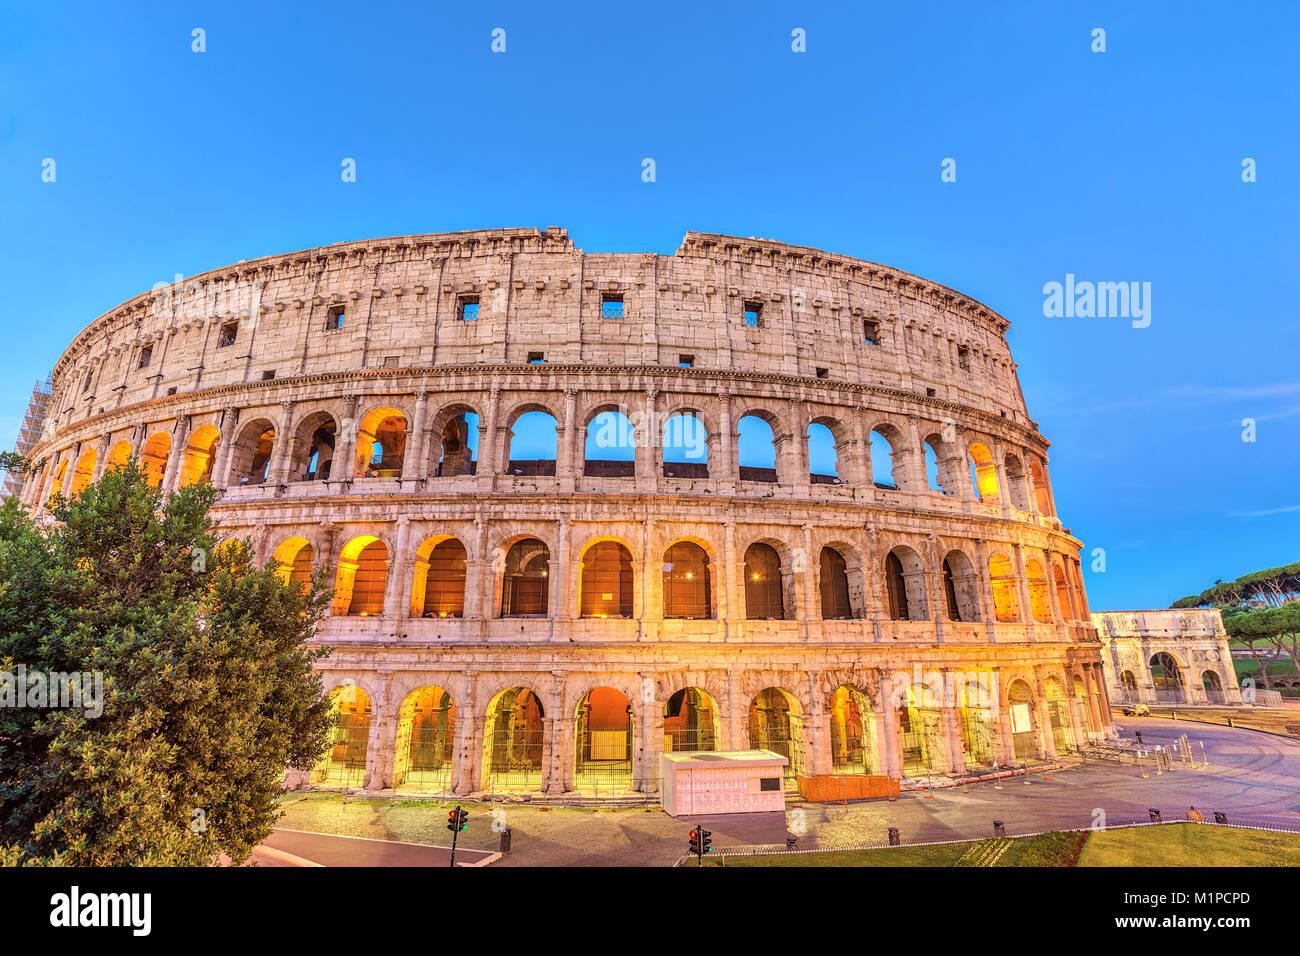 Rom bei Nacht Skyline der Stadt Rom Colosseum Kolosseum (Roma), Rom, Italien Stockbild